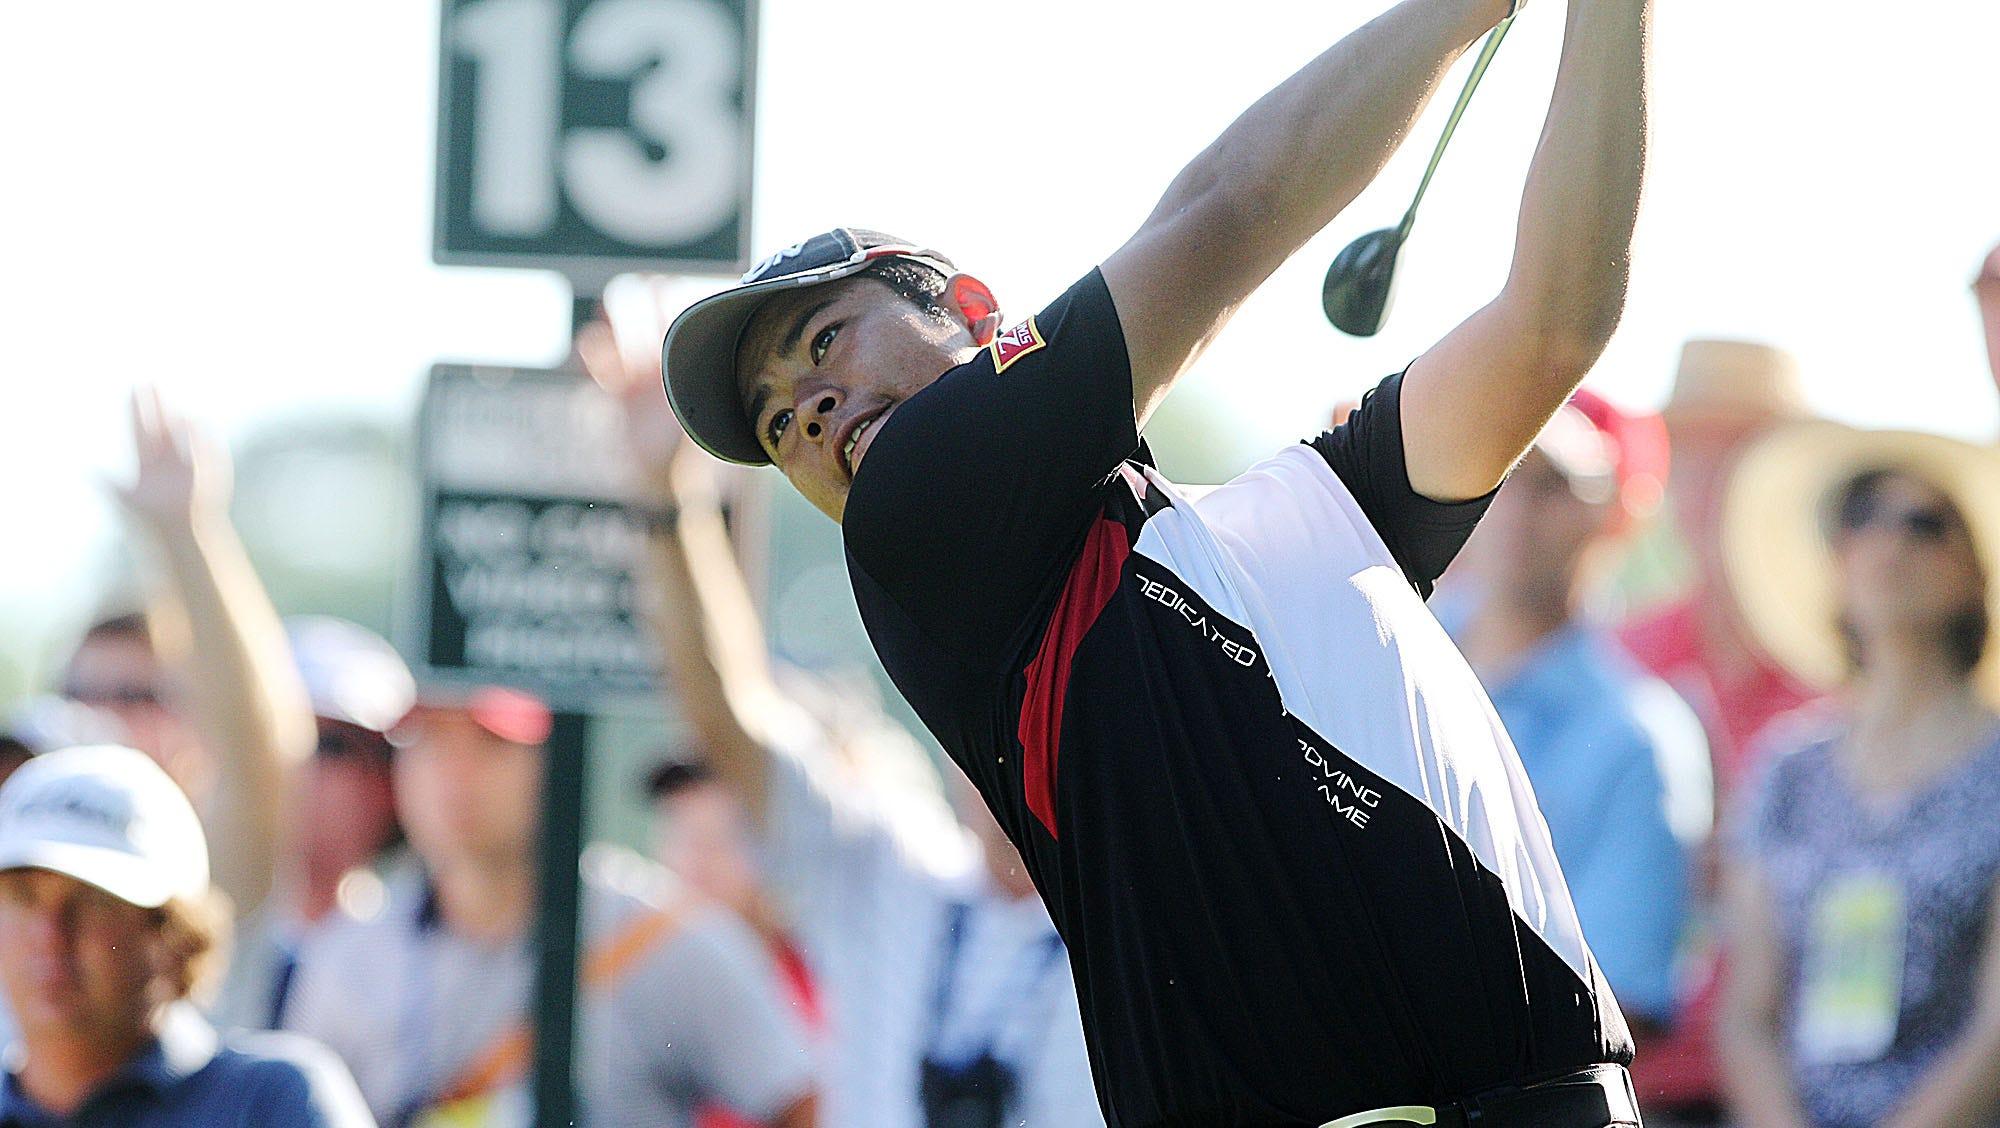 Hideki Matsuyama follows his tee shot off 13. Photo by Tina Yee